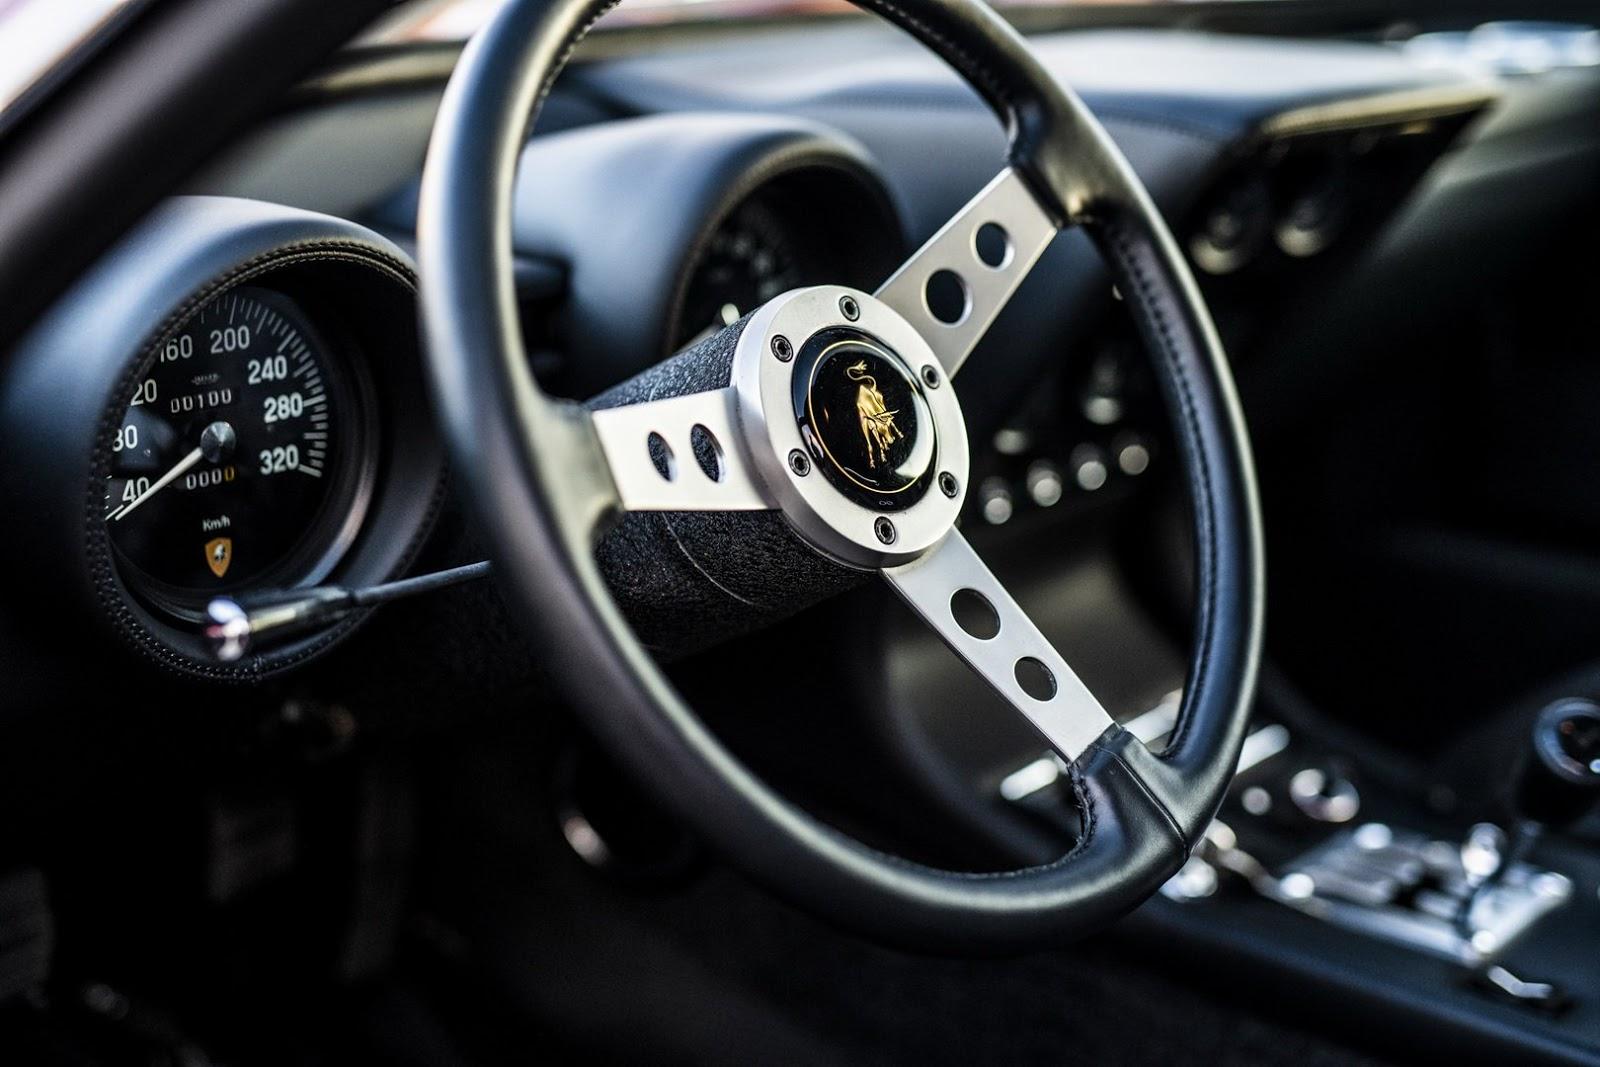 1972 Lamborghini Miura P400sv Gets Restored By Polo Storico